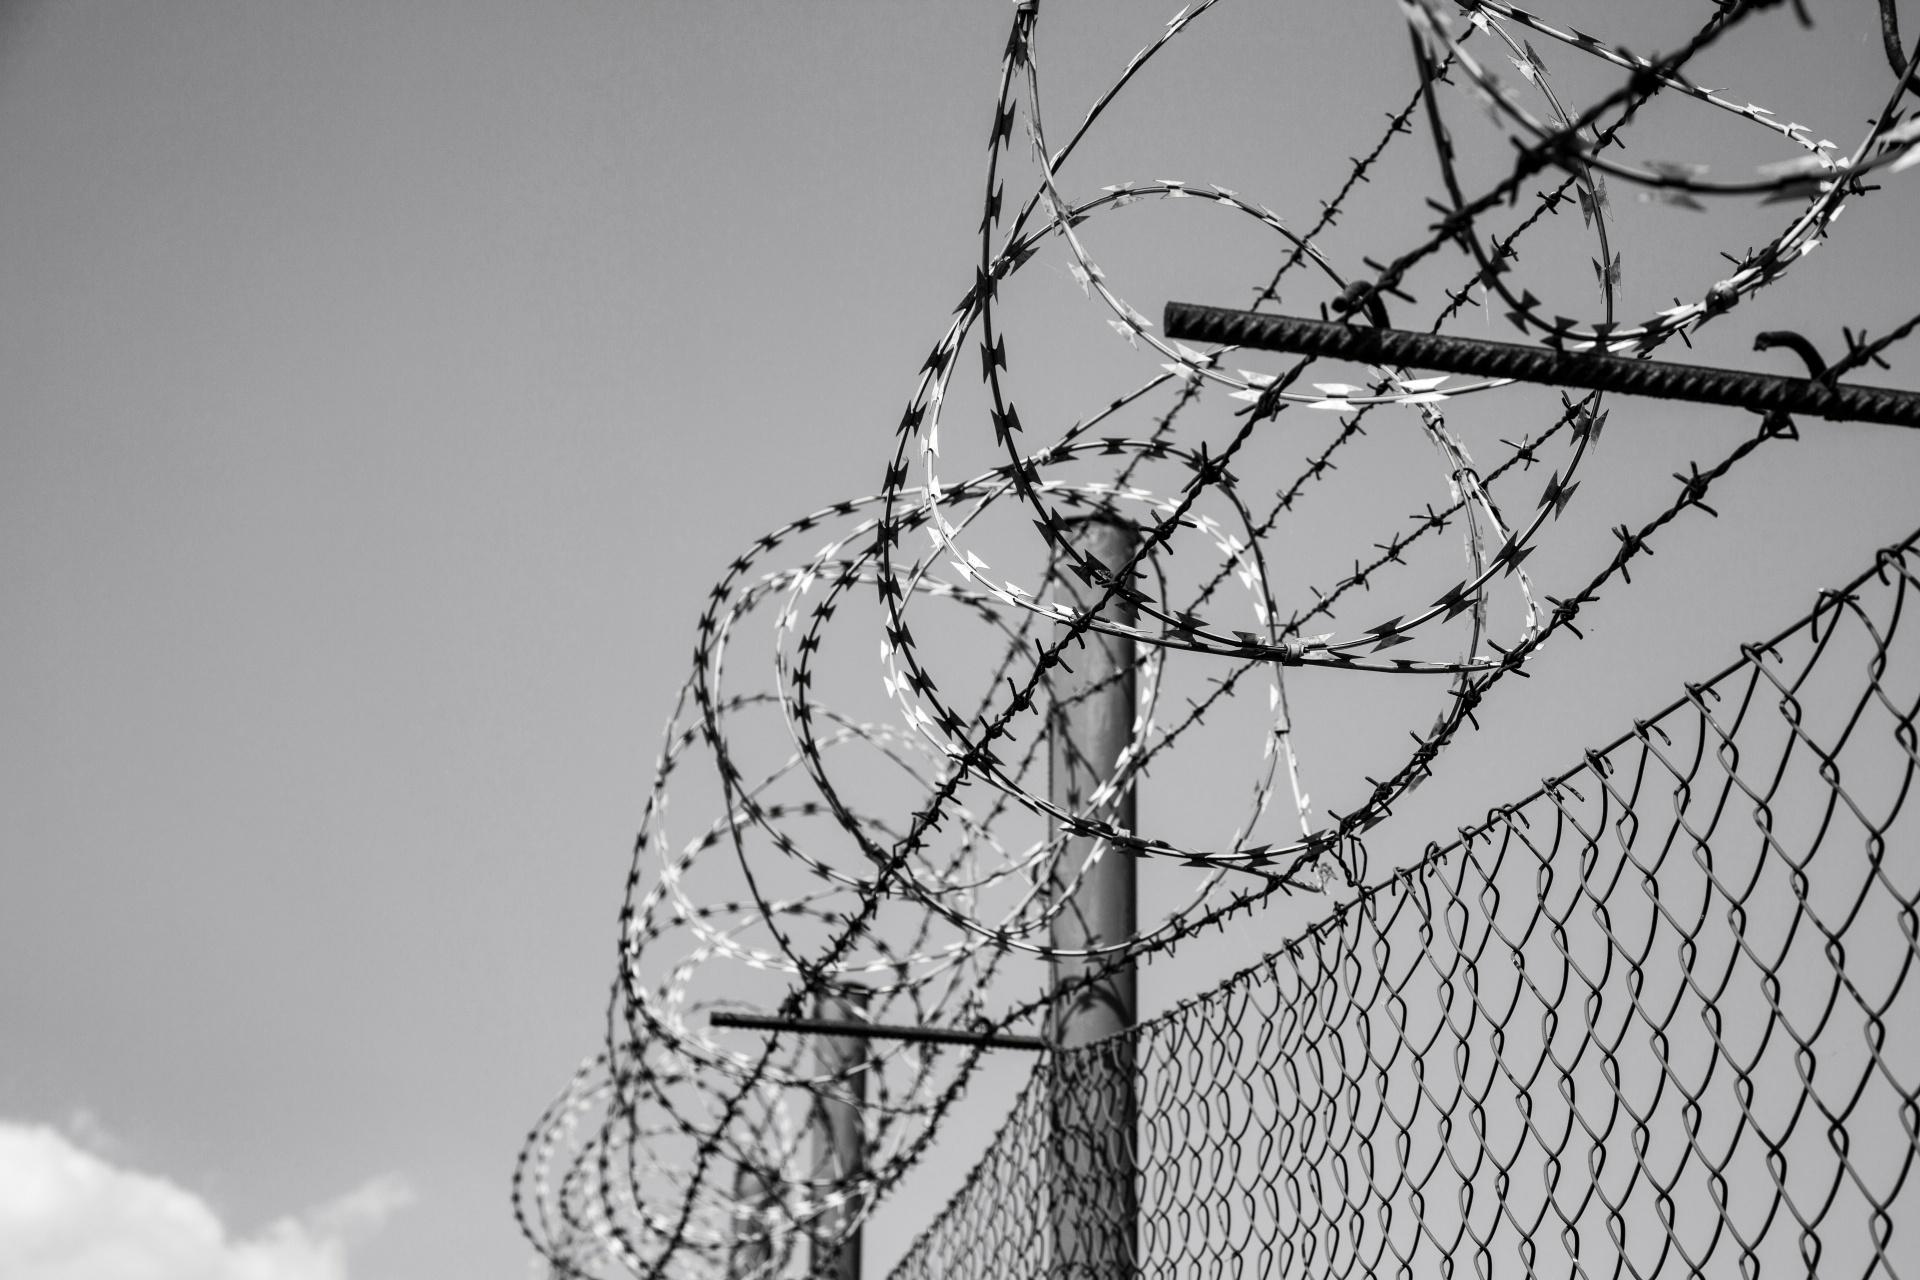 Il mantra securitario non risolverà nulla: appunti su Piazza Dante e la città